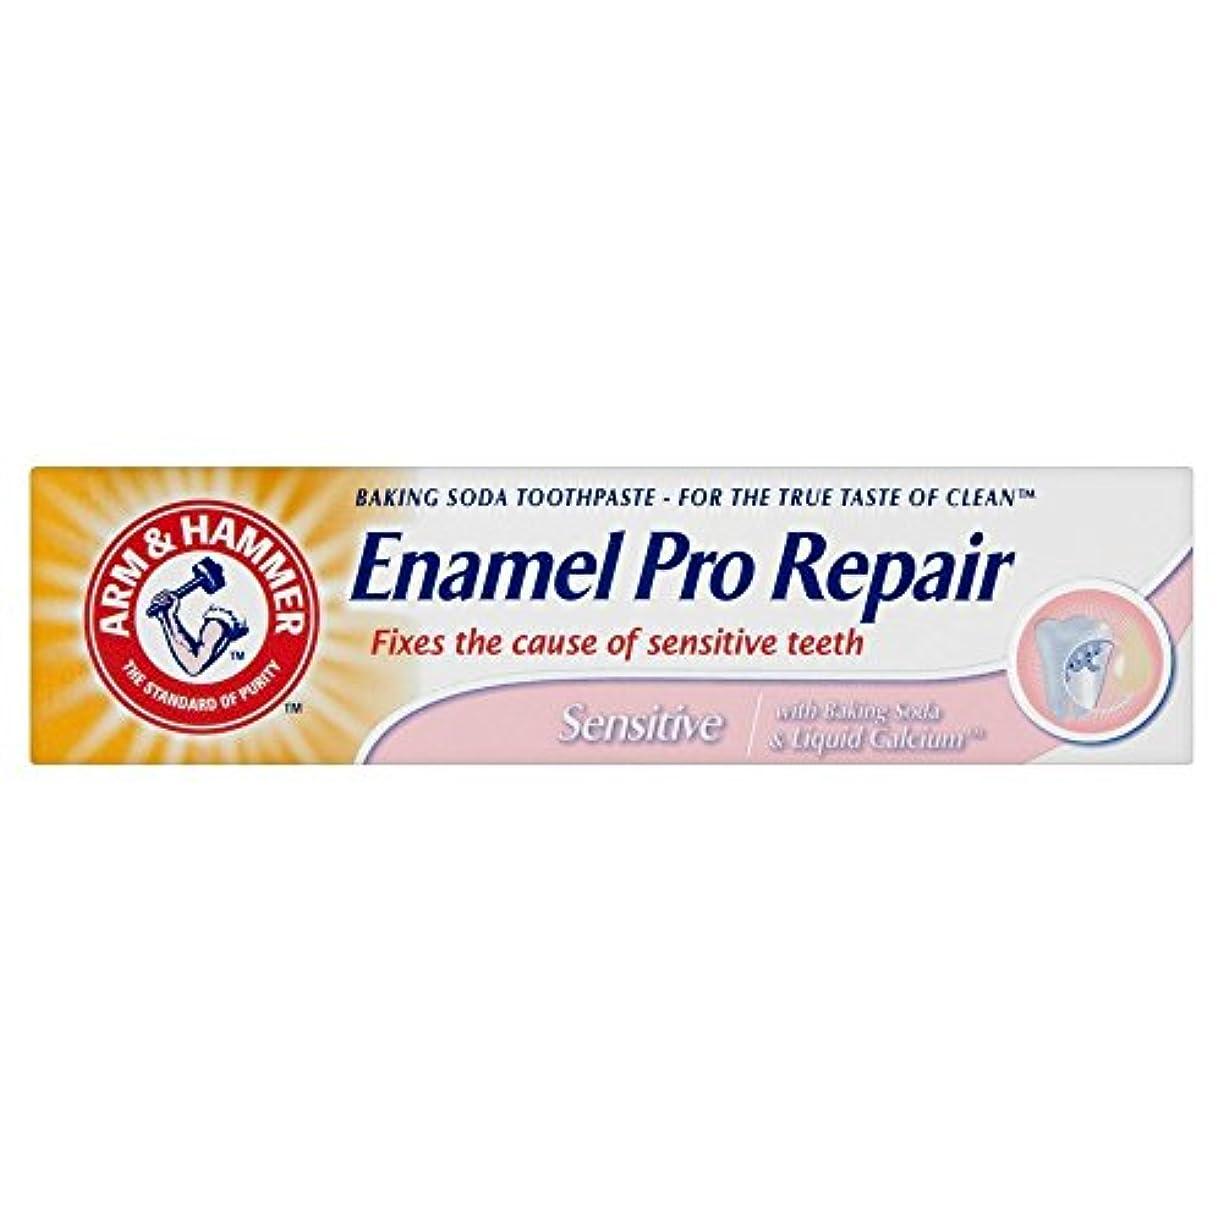 石灰岩デコードする不潔Arm & Hammer Enamel Care Sensitive Toothpaste Tube (75ml) アームとハンマーエナメルケア敏感歯磨き粉のチューブ( 75ミリリットル) [並行輸入品]